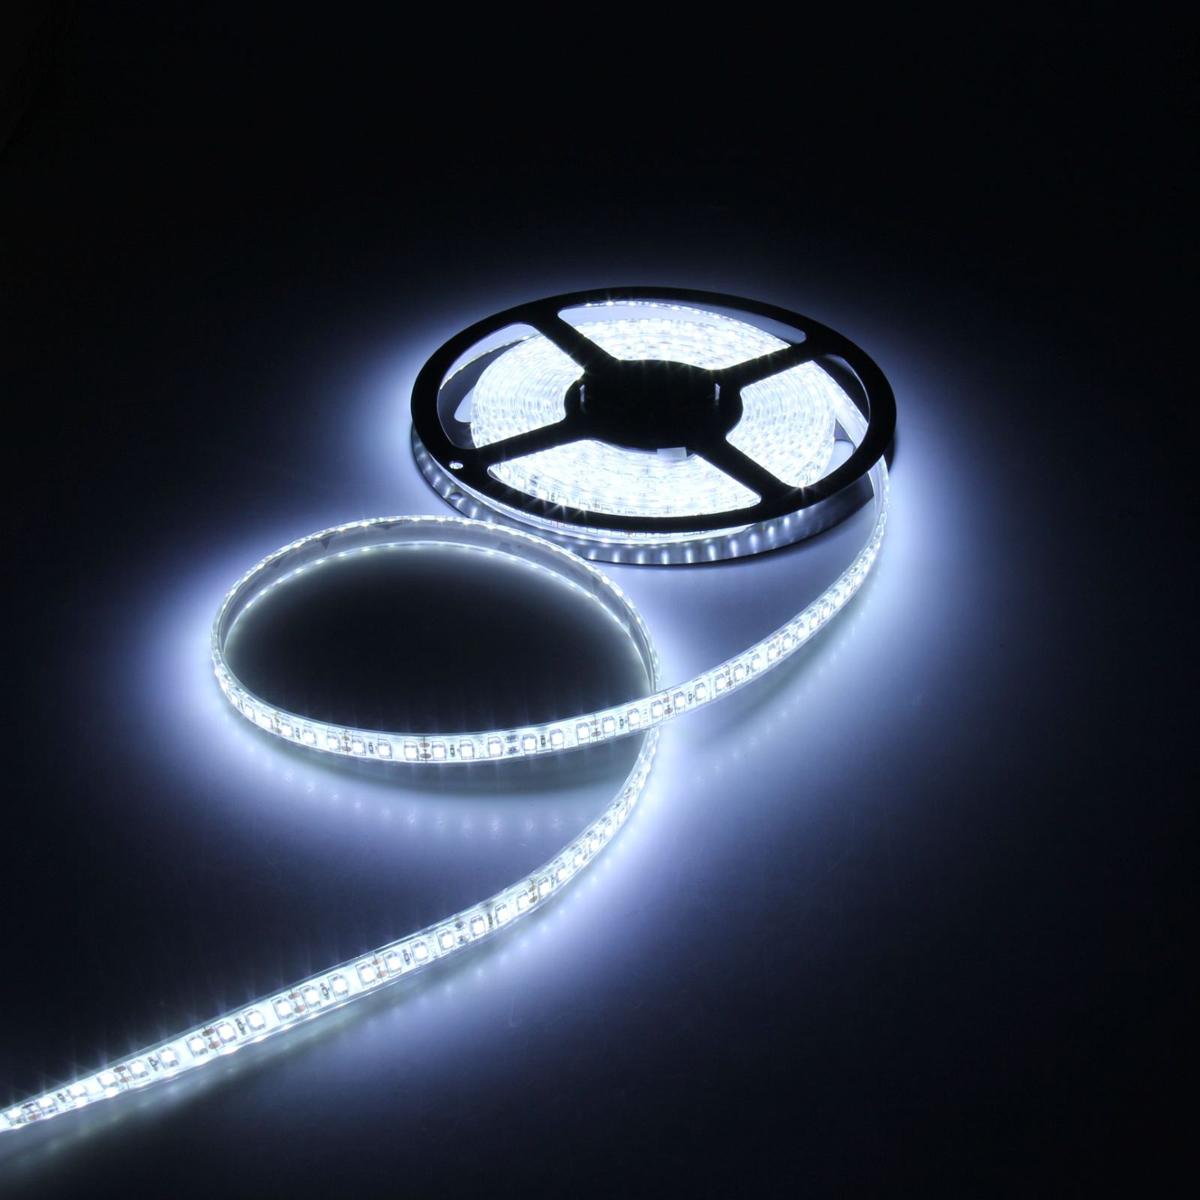 Светодиодная лента Luazon, 12В, SMD3528, длина 5 м, IP68, 120 LED ламп, 9.6 Вт/м, 6-7 Лм/1 LED, DC, цвет: белый883912Светодиодные гирлянды, ленты и т.д — это отличный вариант для новогоднего оформления интерьера или фасада. С их помощью помещение любого размера можно превратить в праздничный зал, а внешние элементы зданий, украшенные ими, мгновенно станут напоминать очертания сказочного дворца. Такие украшения создают ауру предвкушения чуда. Деревья, фасады, витрины, окна и арки будто специально созданы, чтобы вы украсили их светящимися нитями.